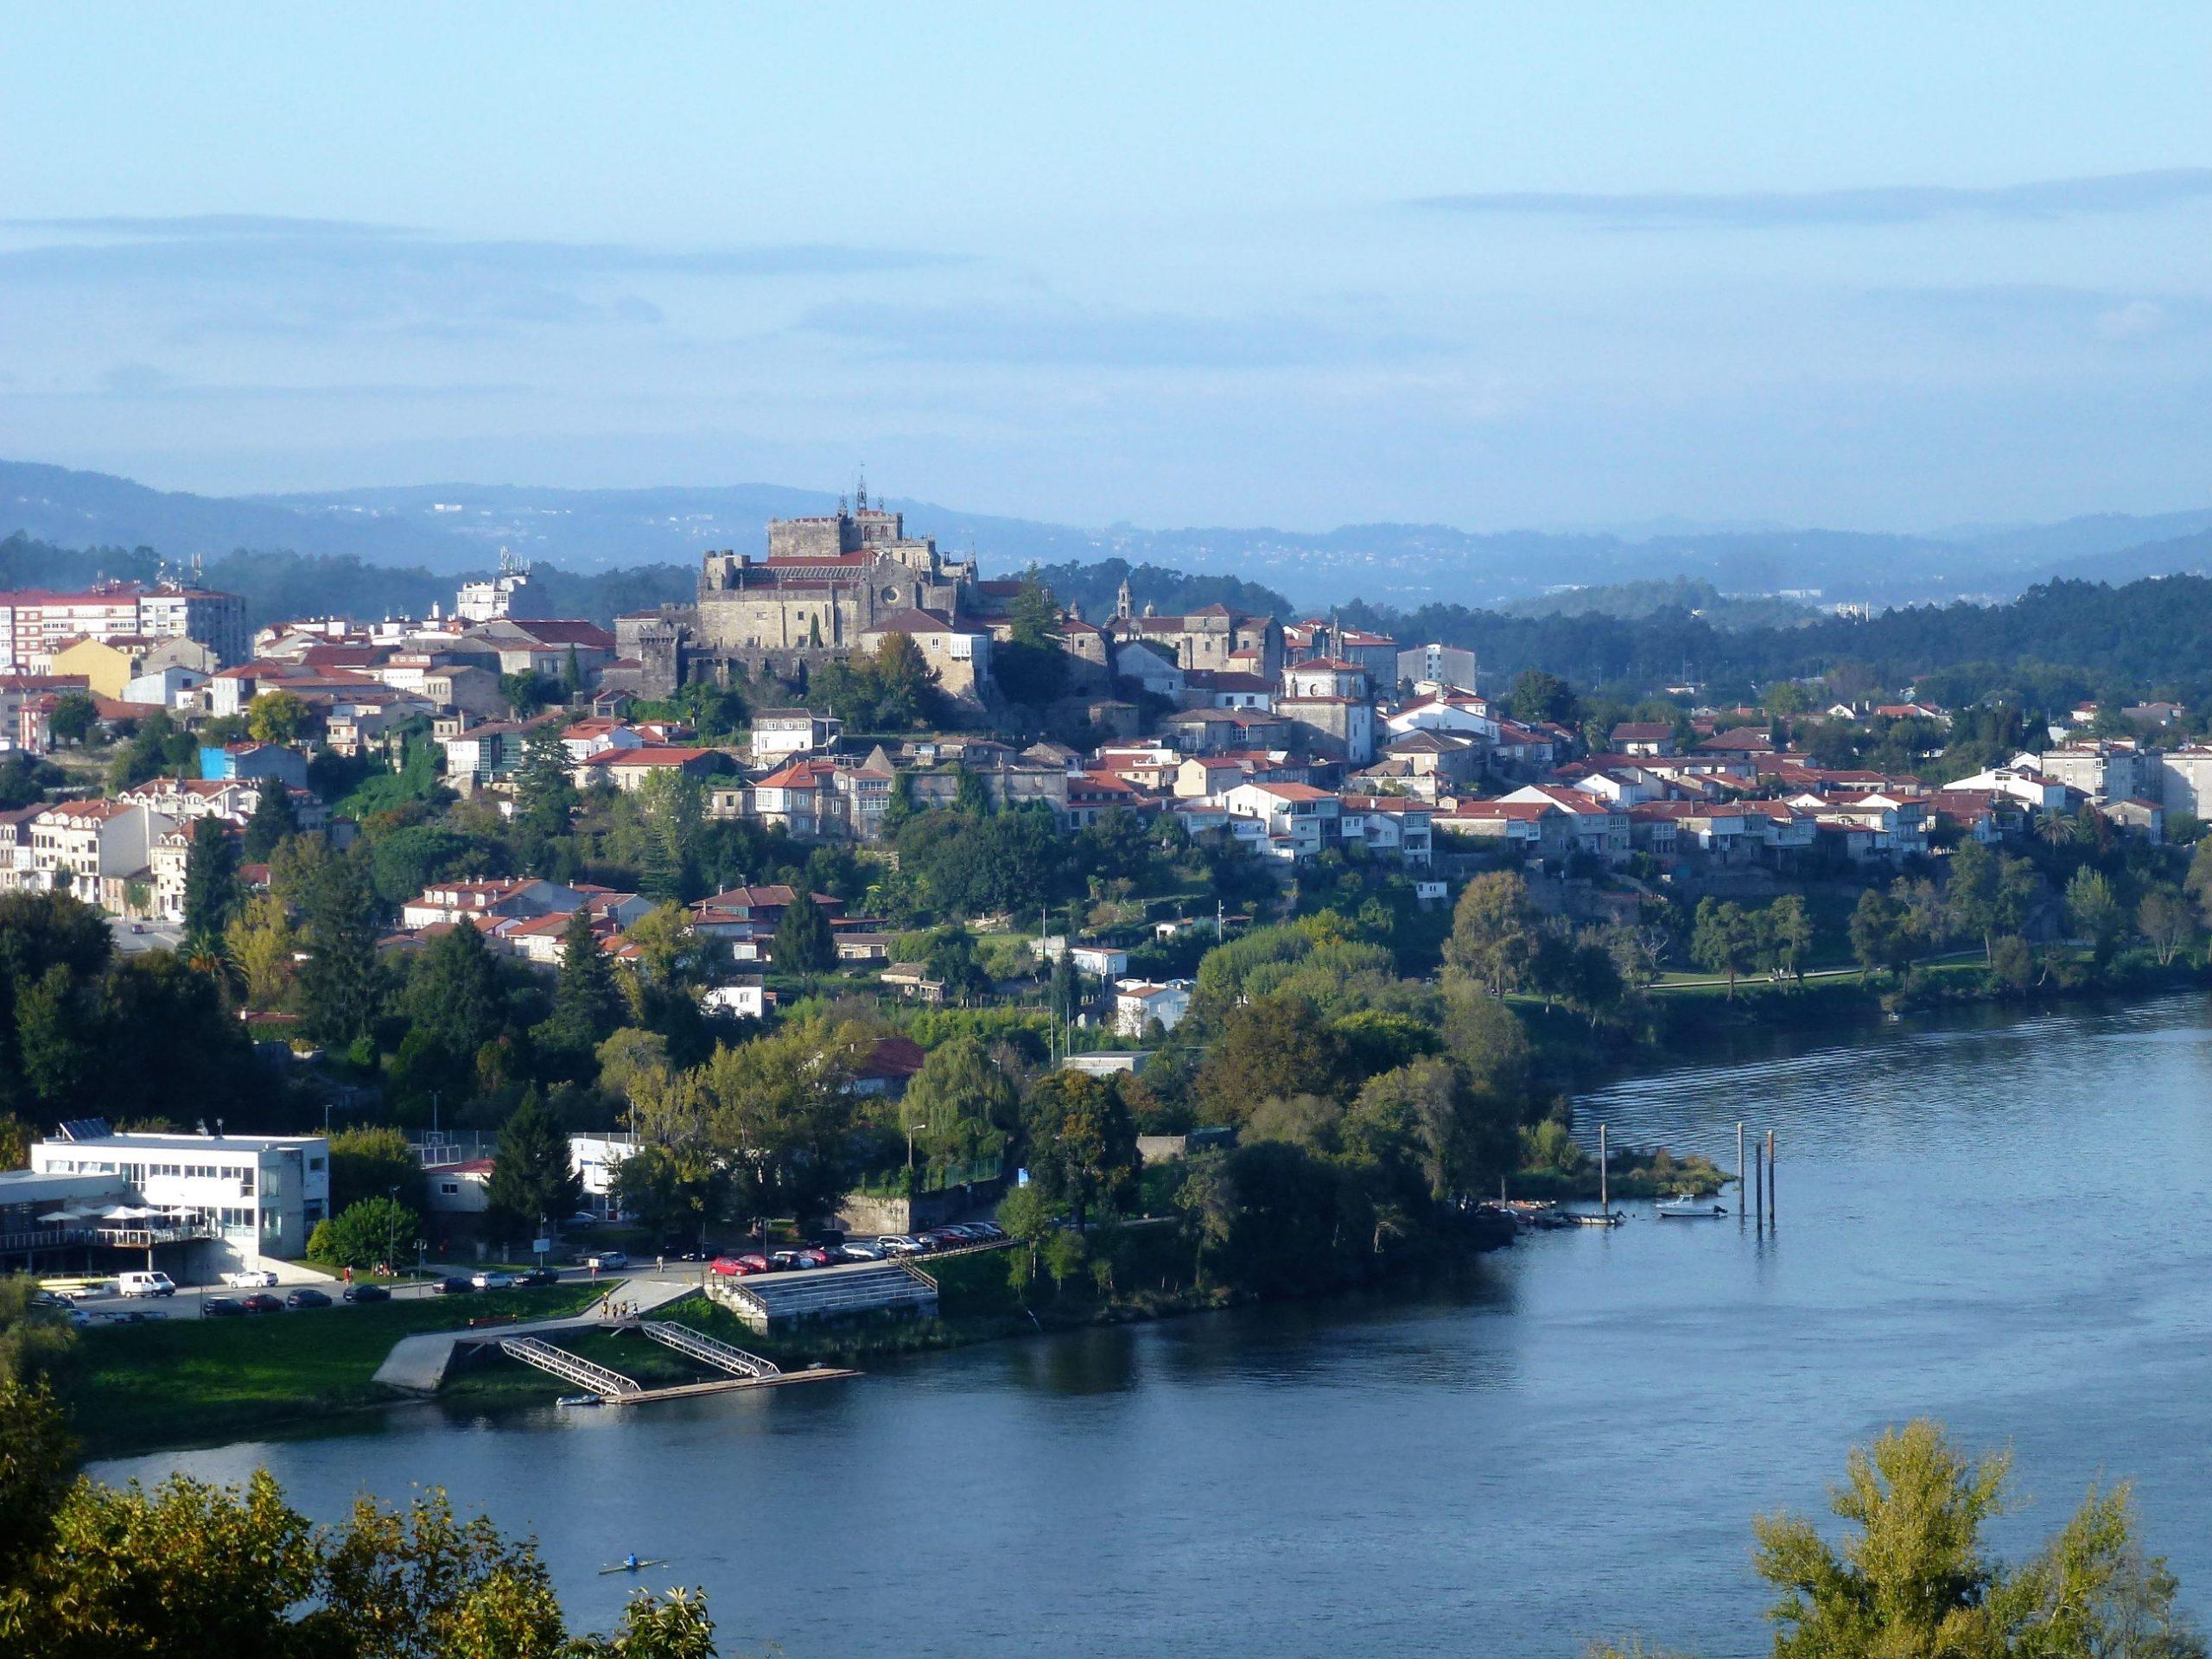 Vista de la catedral fortaleza de Tui desde Valença do Minho